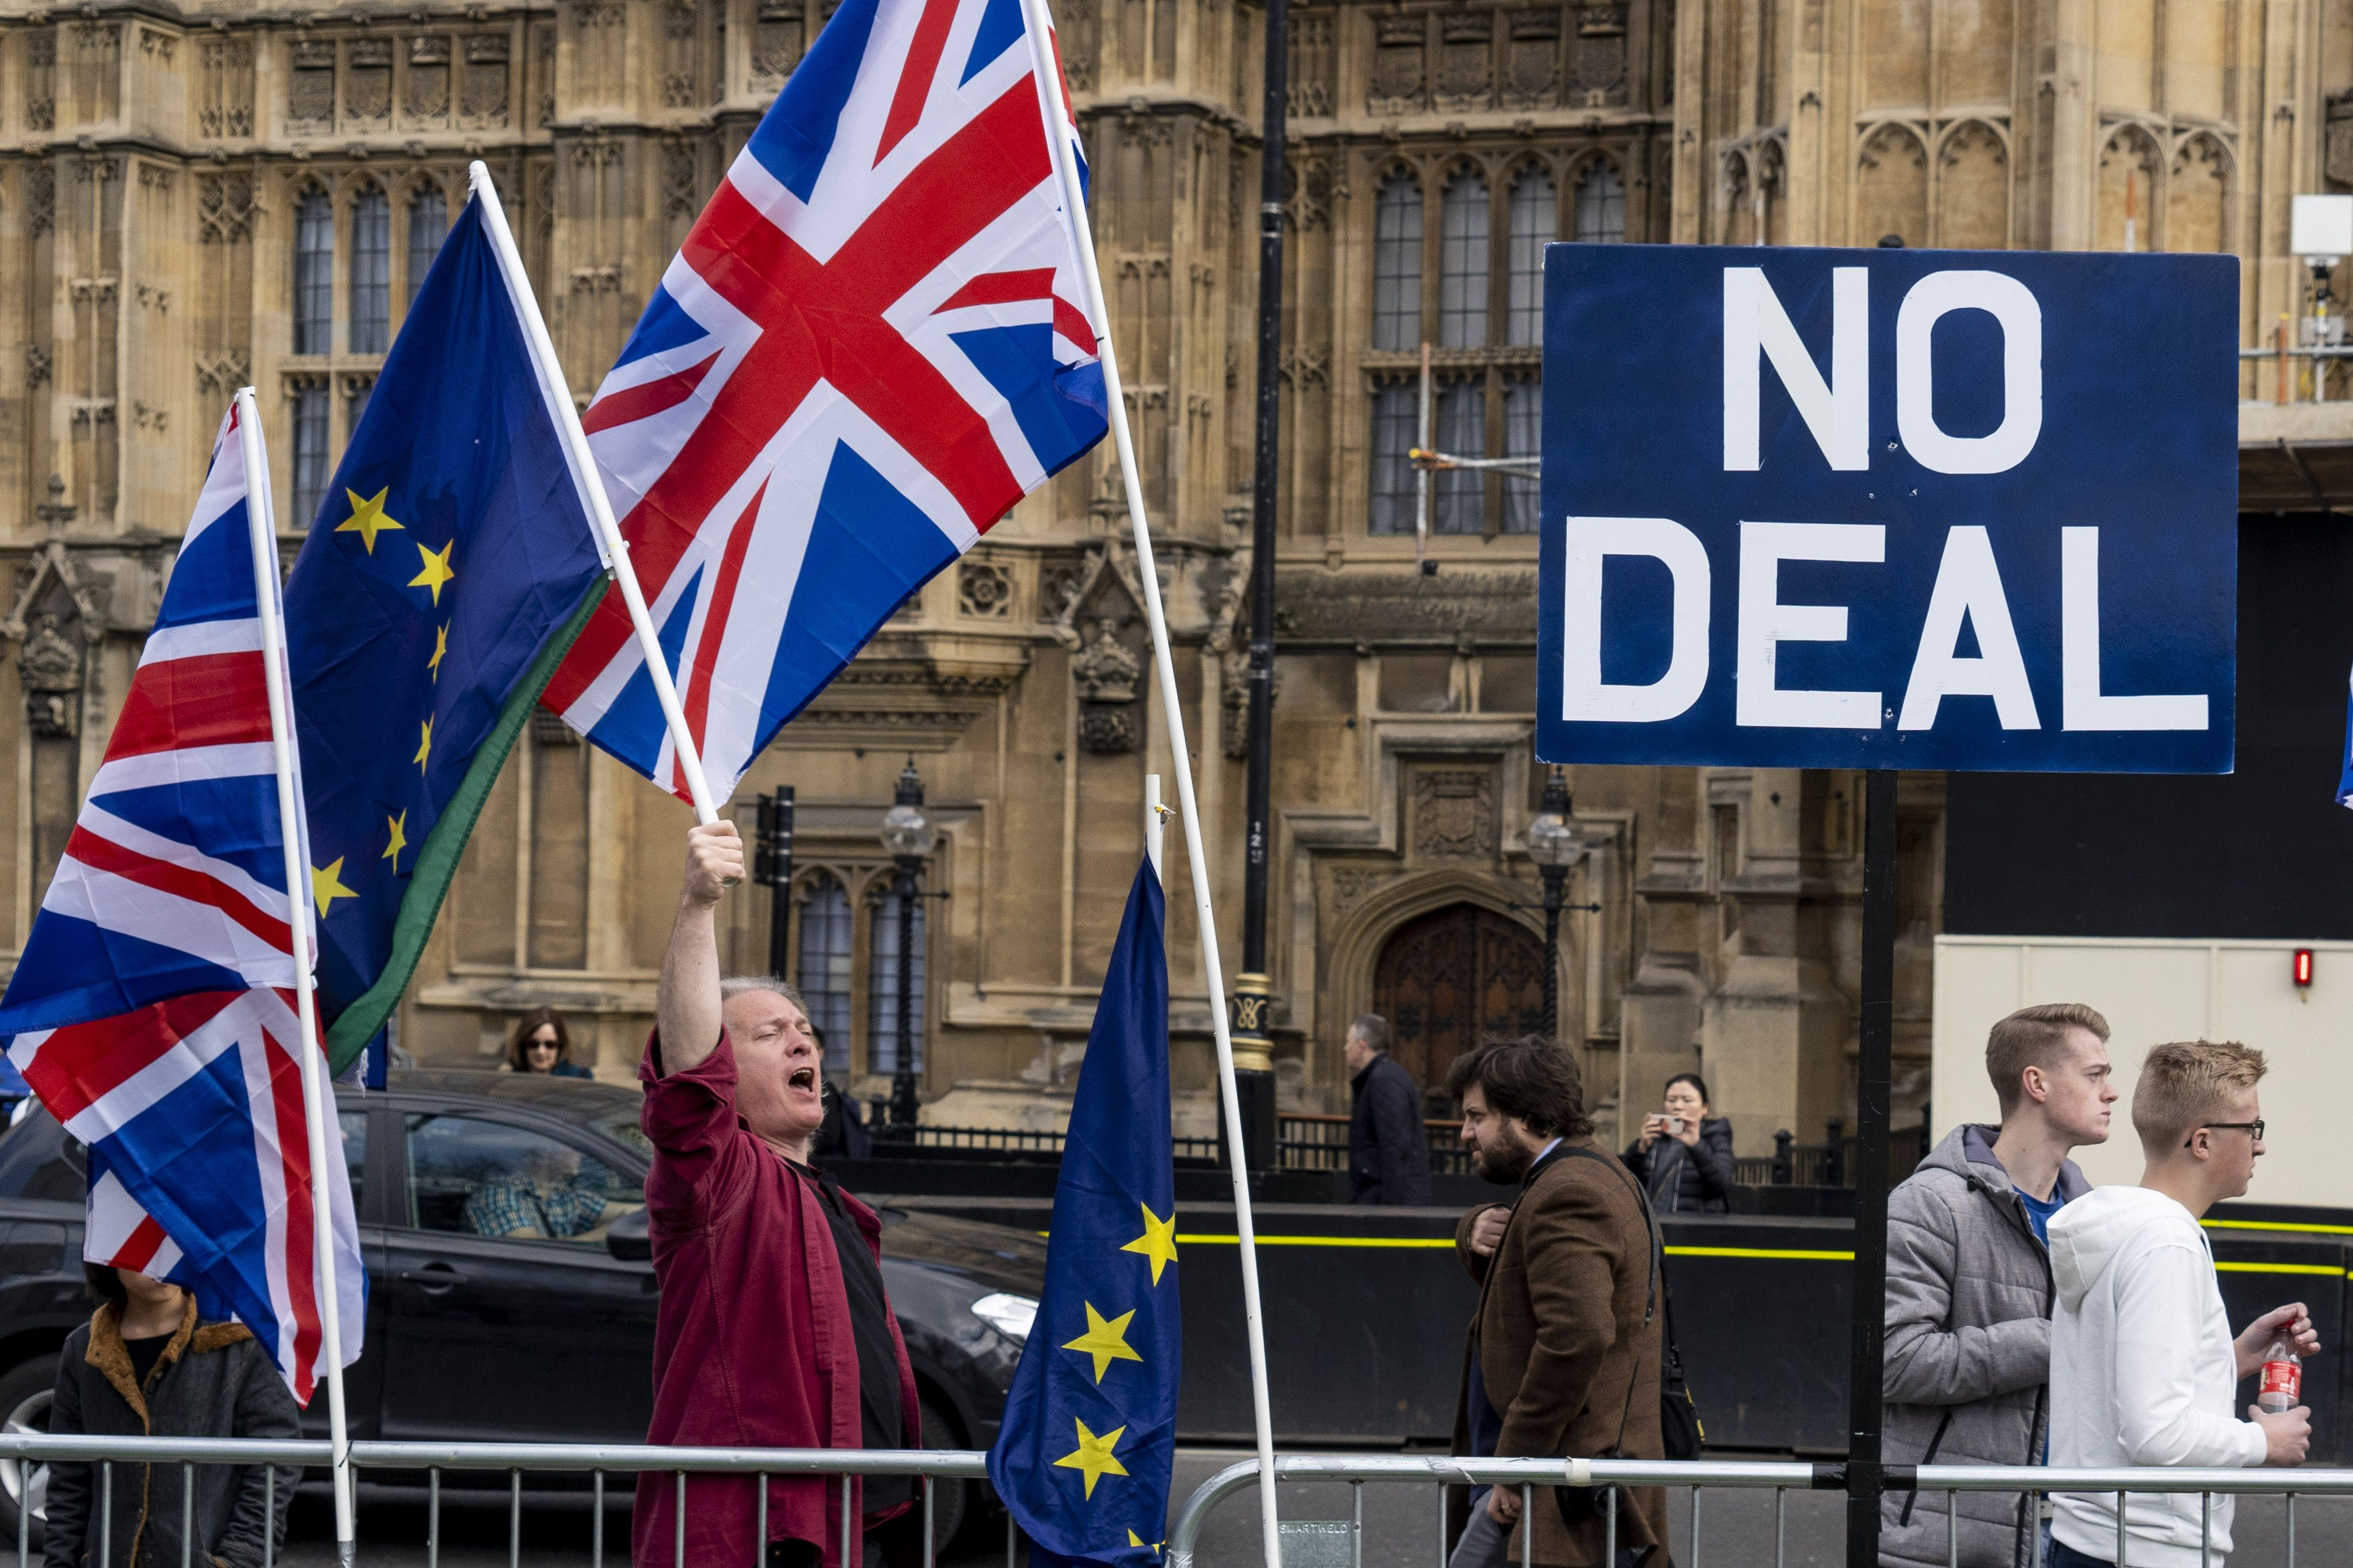 脫歐再延期三個月 英國議會對提前大選表決